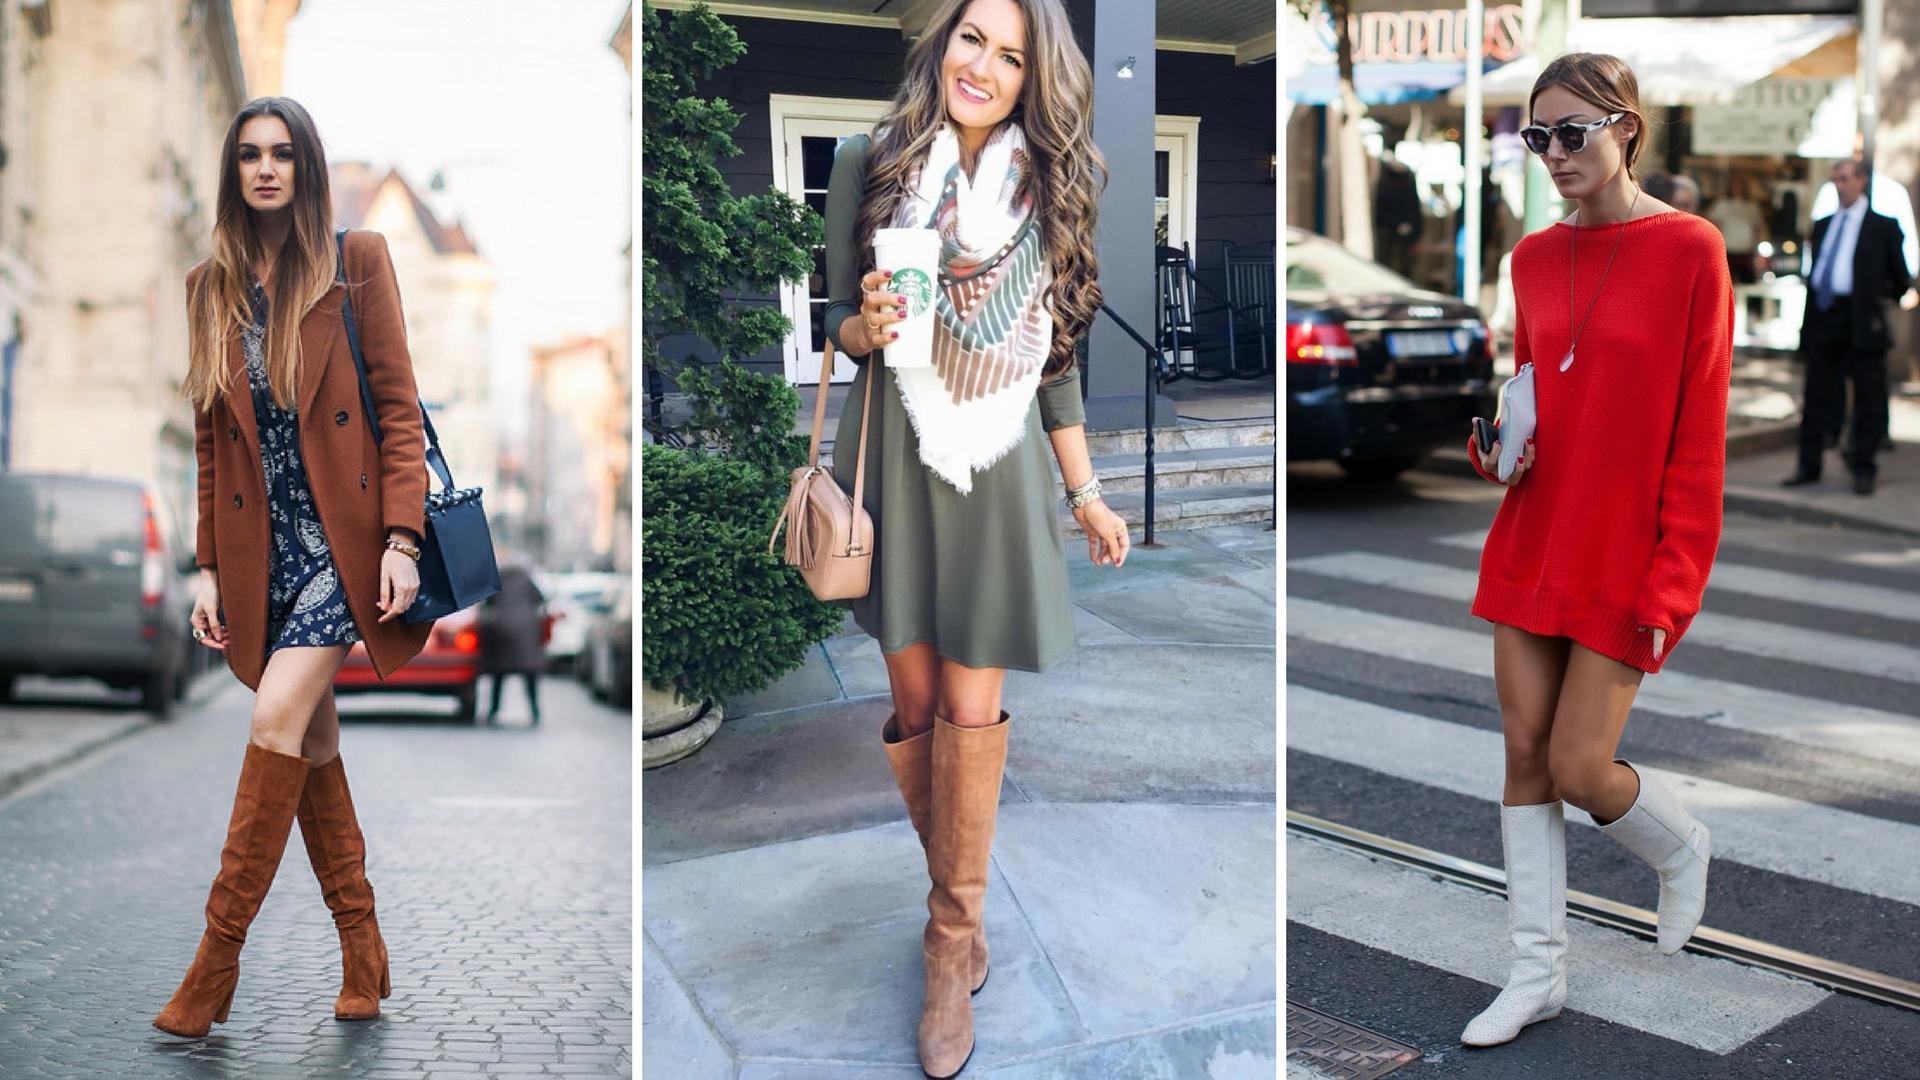 893d594187 Como Usar Vestido Com Bota - Invista Nessa Combinação Fashion